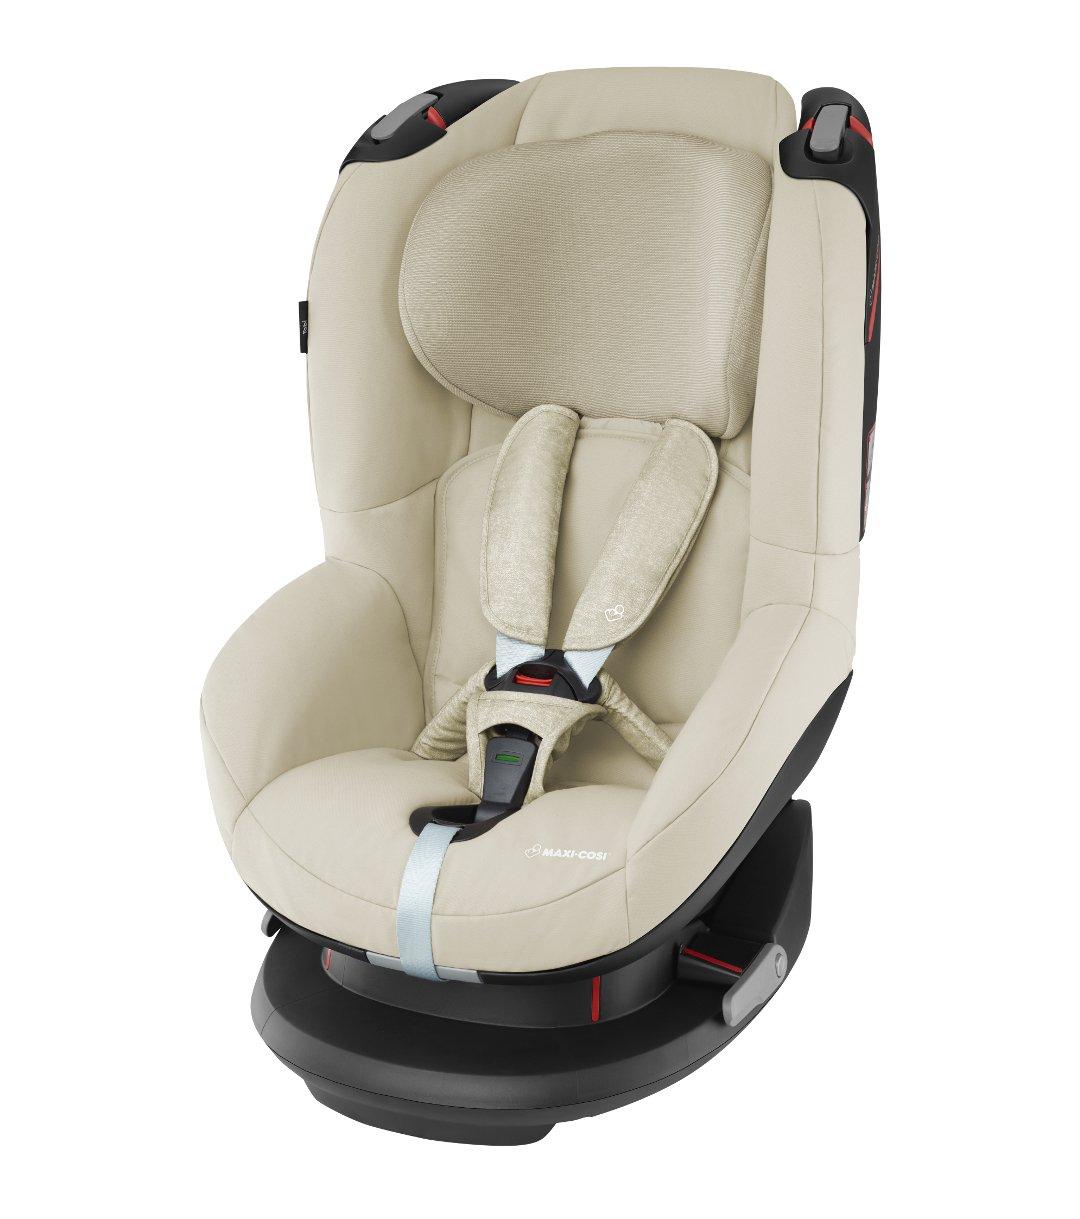 Bērnu autosēdeklis 9-18 kg MAXI-COSI Tobi Nomad Sand